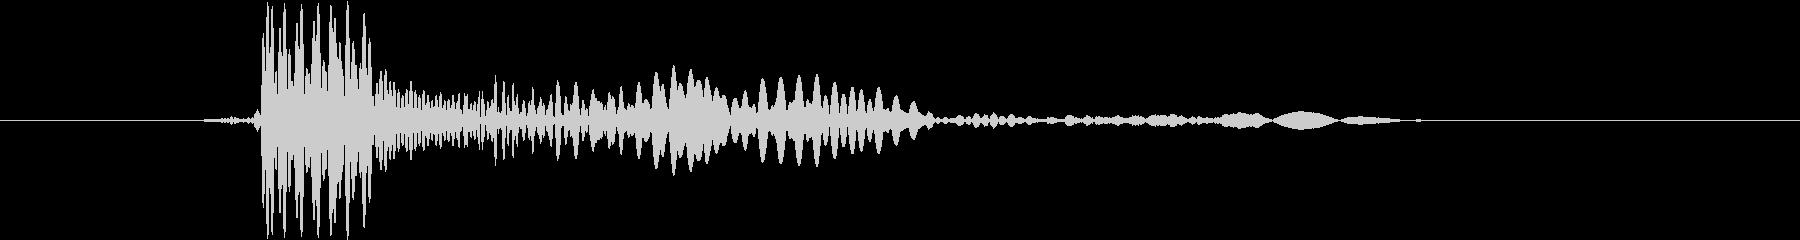 カーソル クリックの未再生の波形